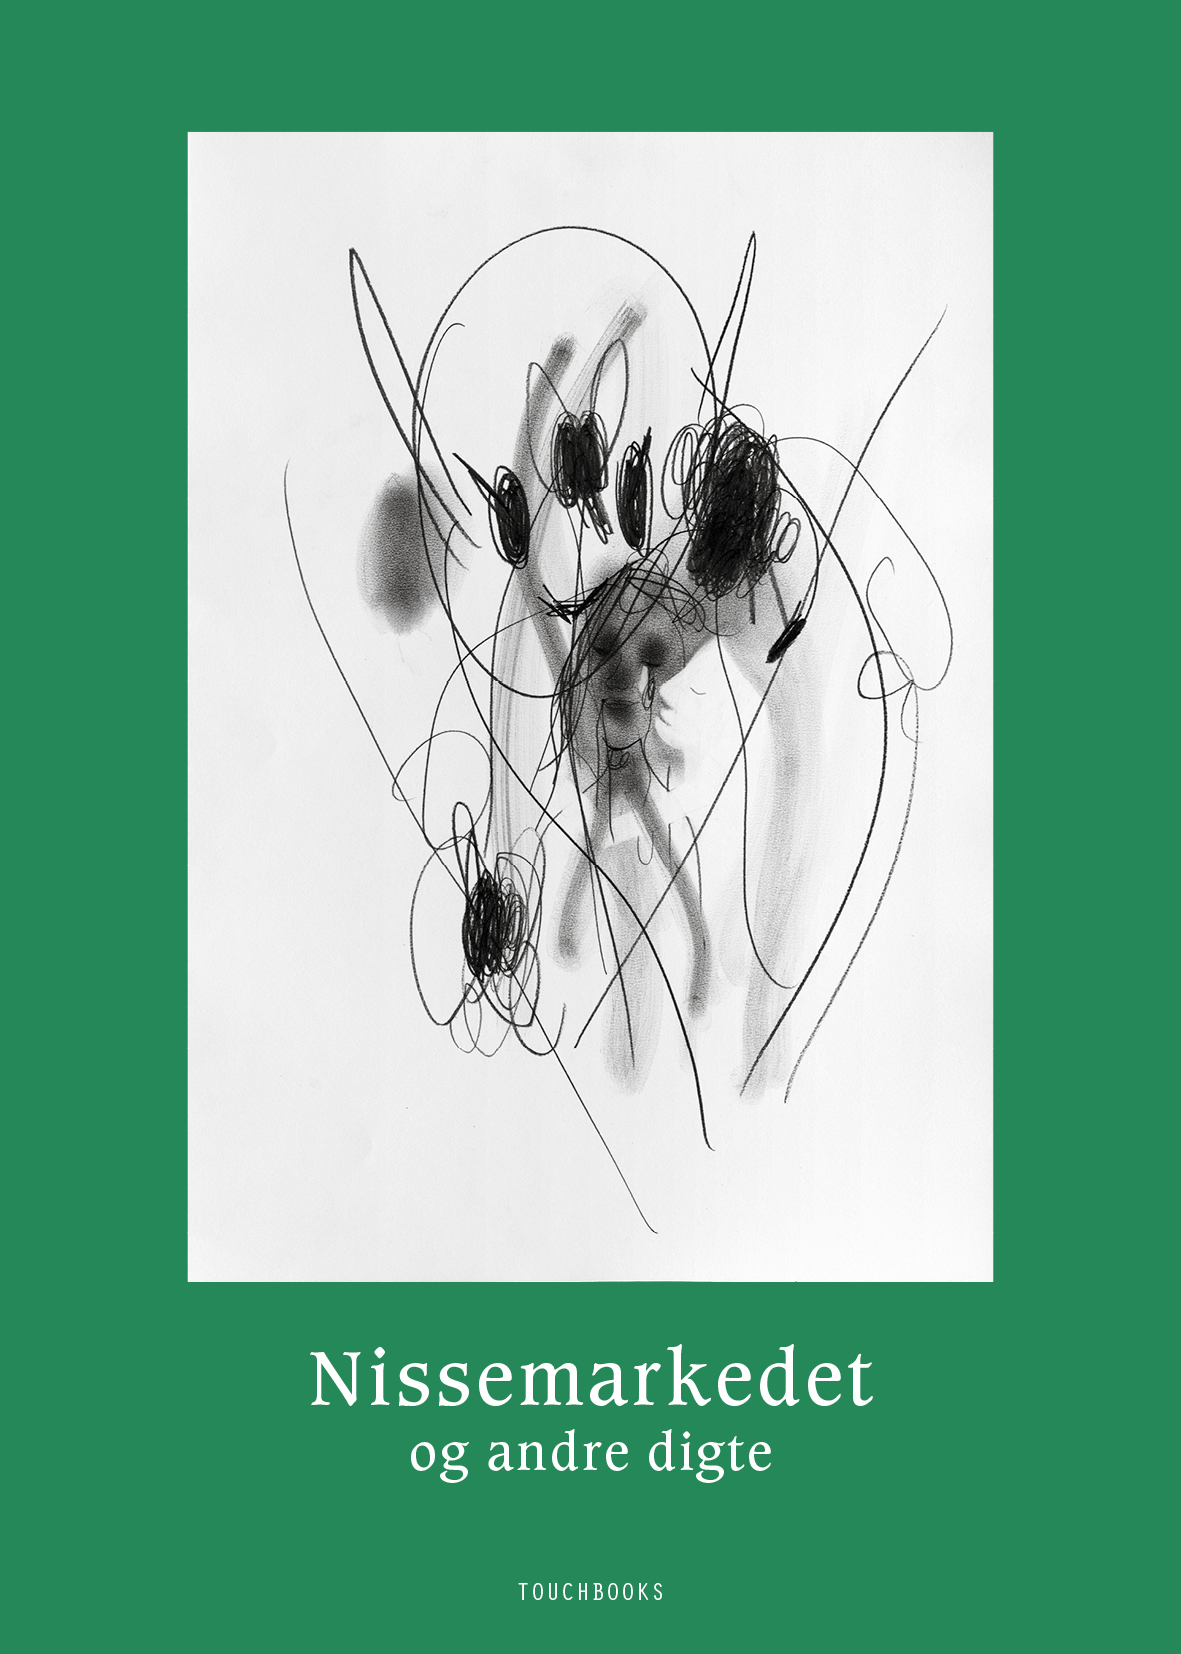 Nissemarkedet og andre digte - e-bog fra N/A på bog & mystik